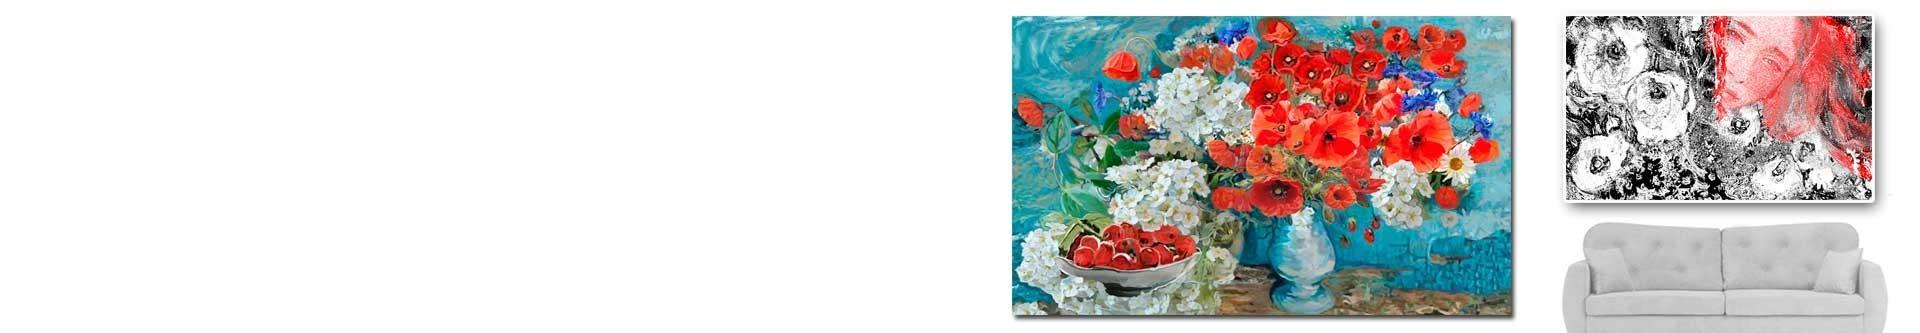 Obrazy maki, grafiki maki, plakaty z makami • Grafiki Obrazy